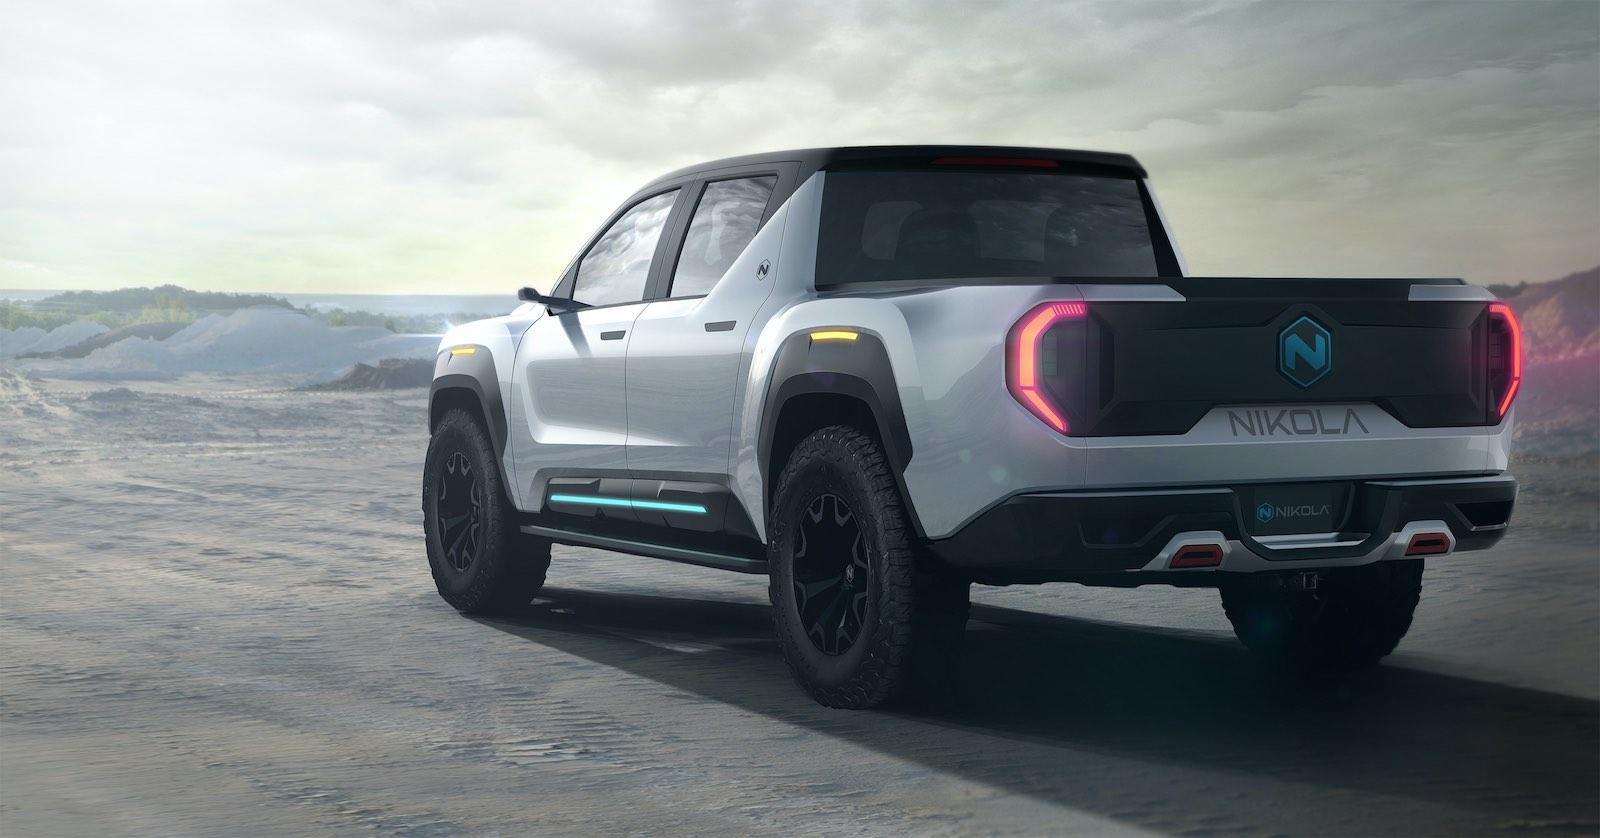 La nueva pickup que entra al mercado de camionetas eléctricas.